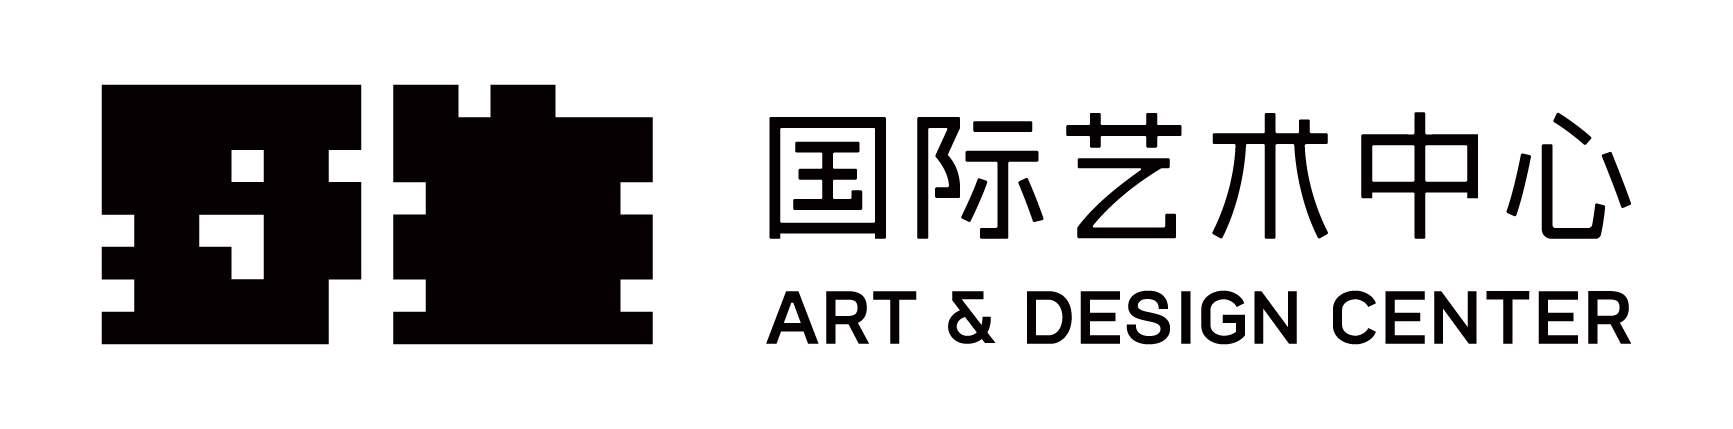 野生国际艺术培训中心